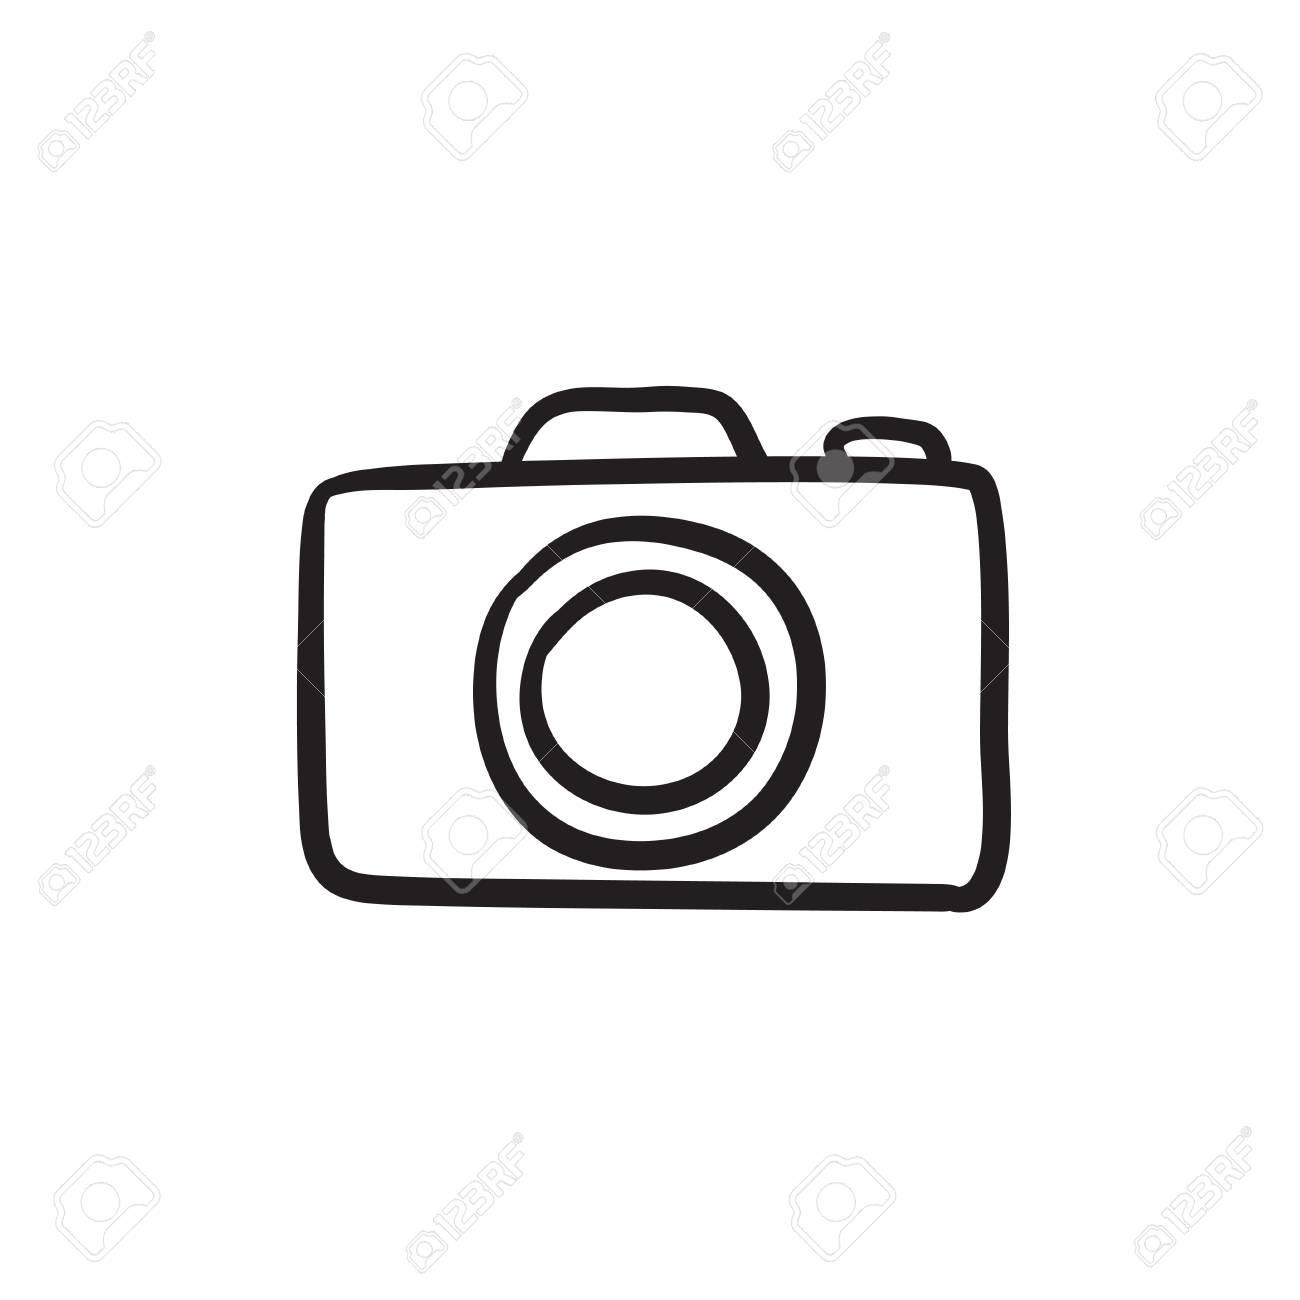 Cámara De Dibujo Del Icono Del Vector Aislado En El Fondo Cámara De Dibujo A Mano Icono Dibujo Del Icono De La Cámara De Libro De Recuerdos Para La Aplicación O